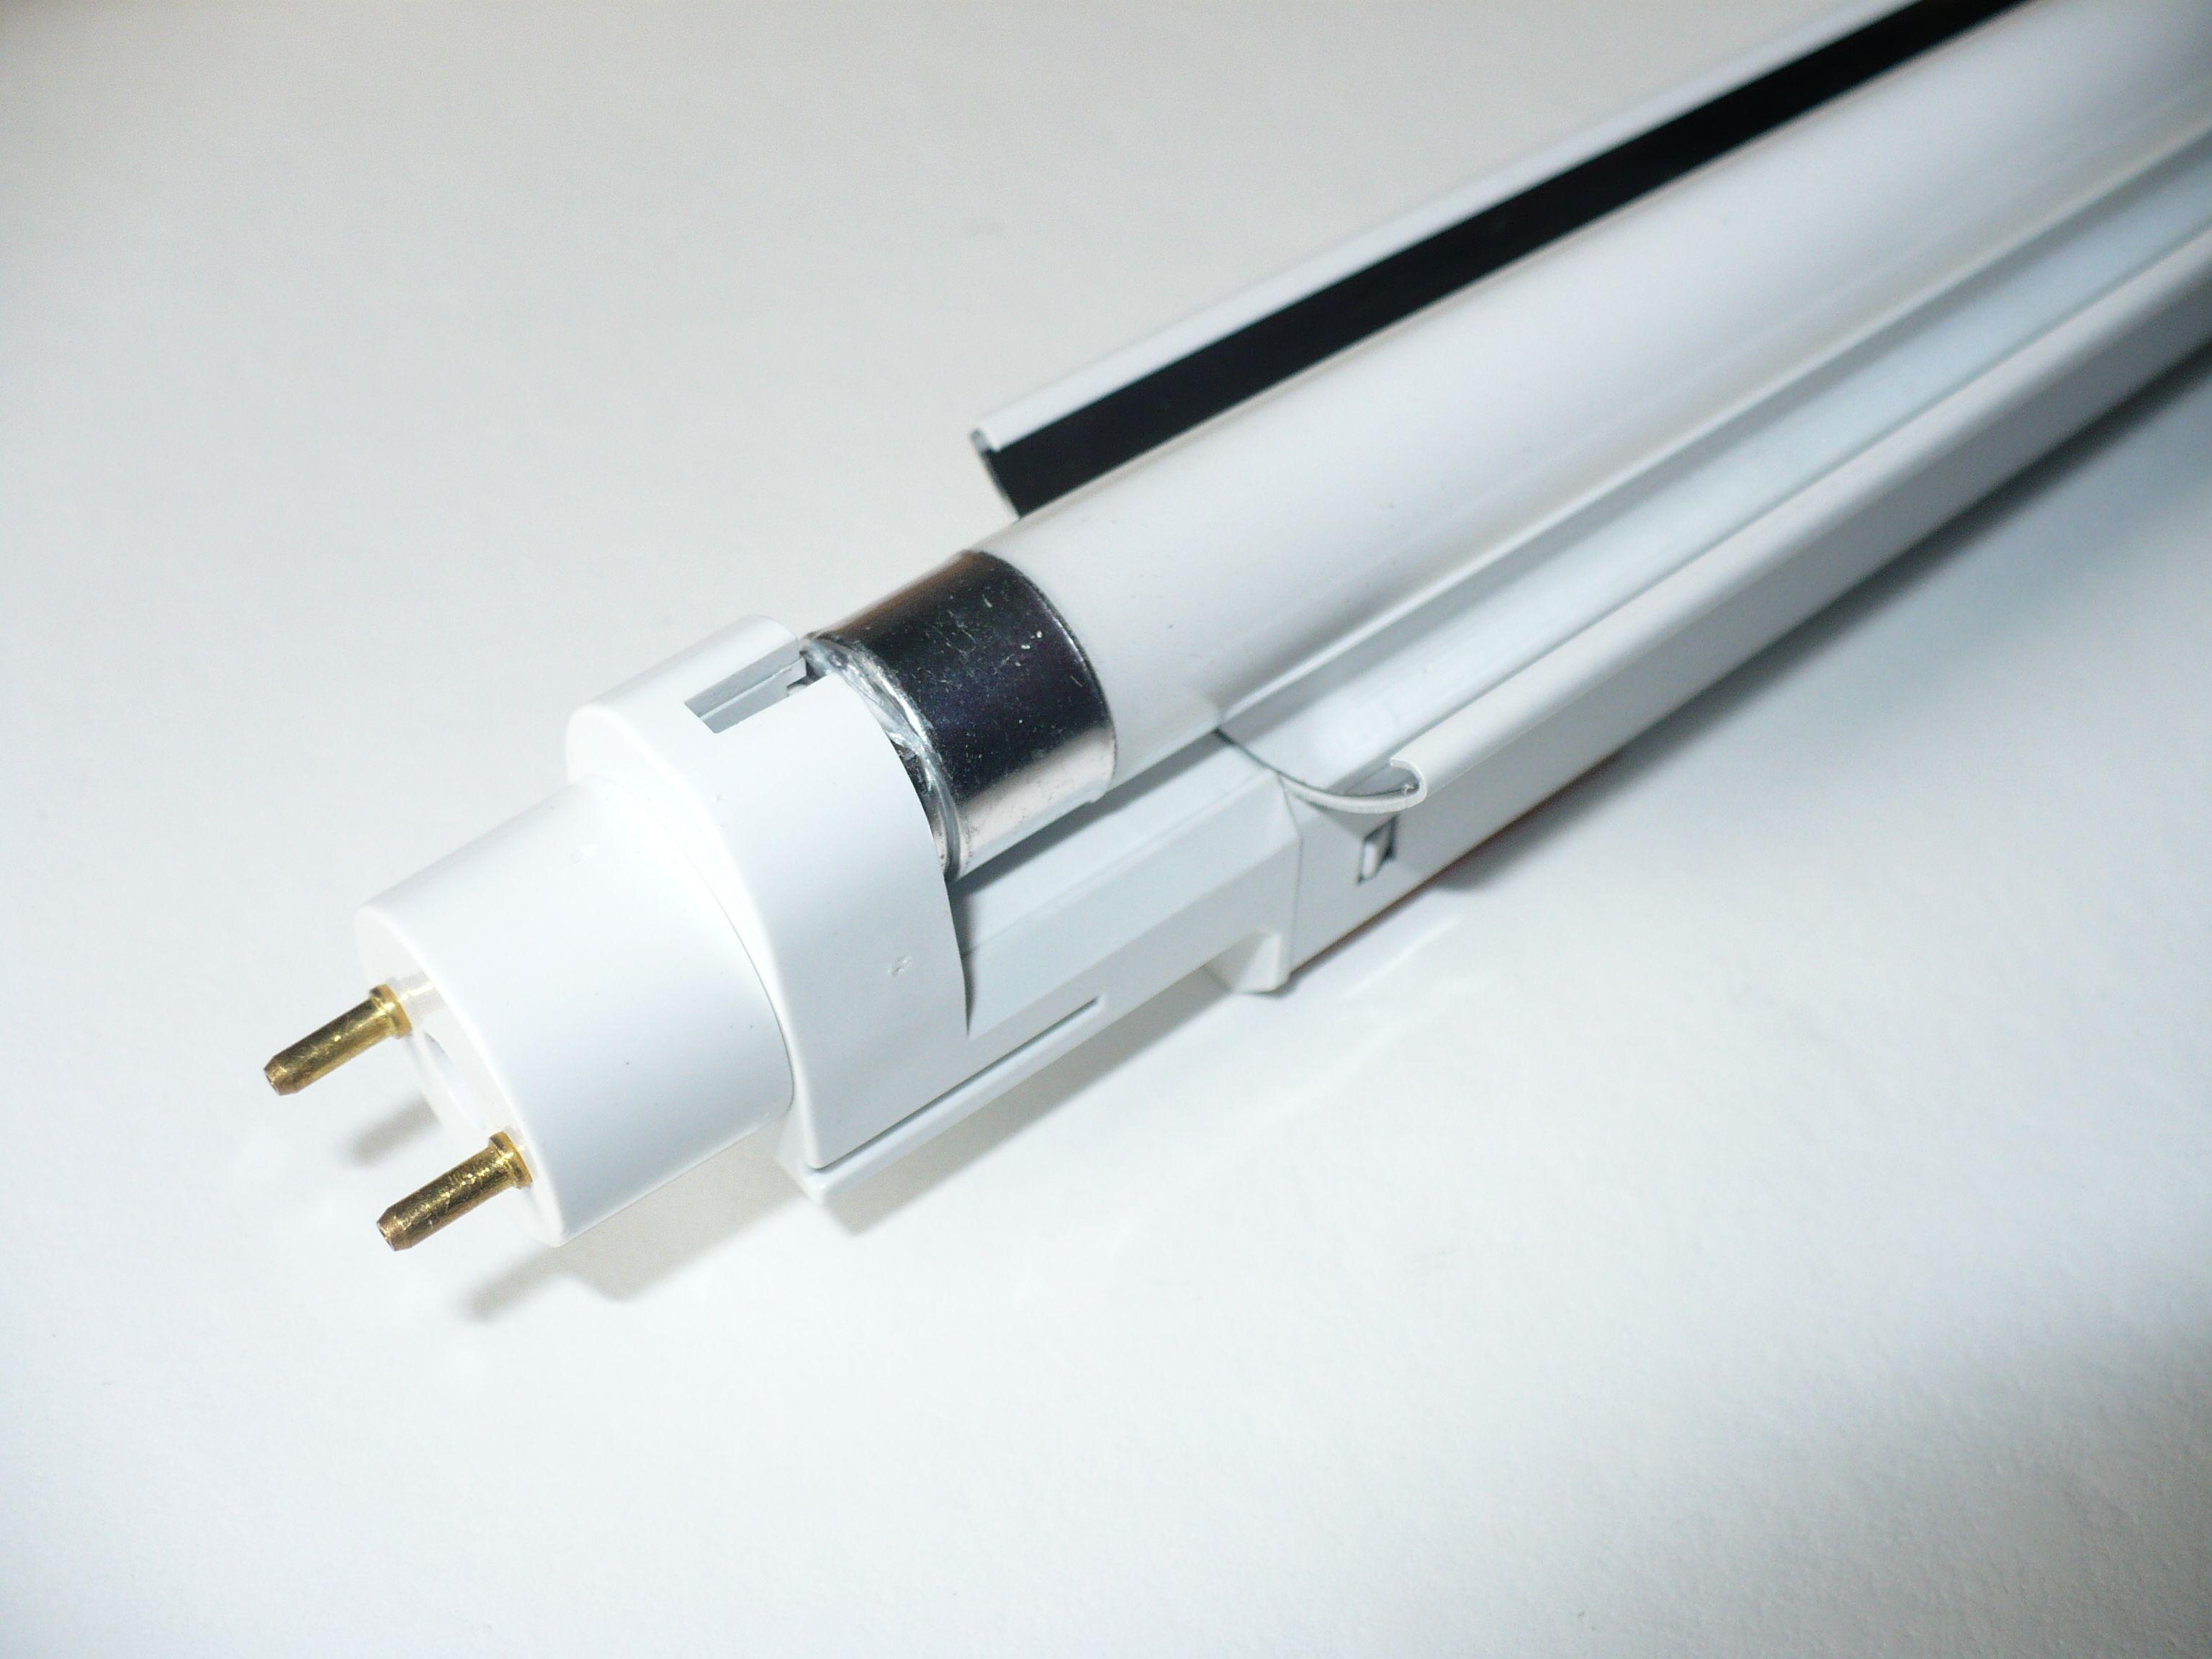 Philips 35w tl5 in adapter energievizier biedt de oplossing